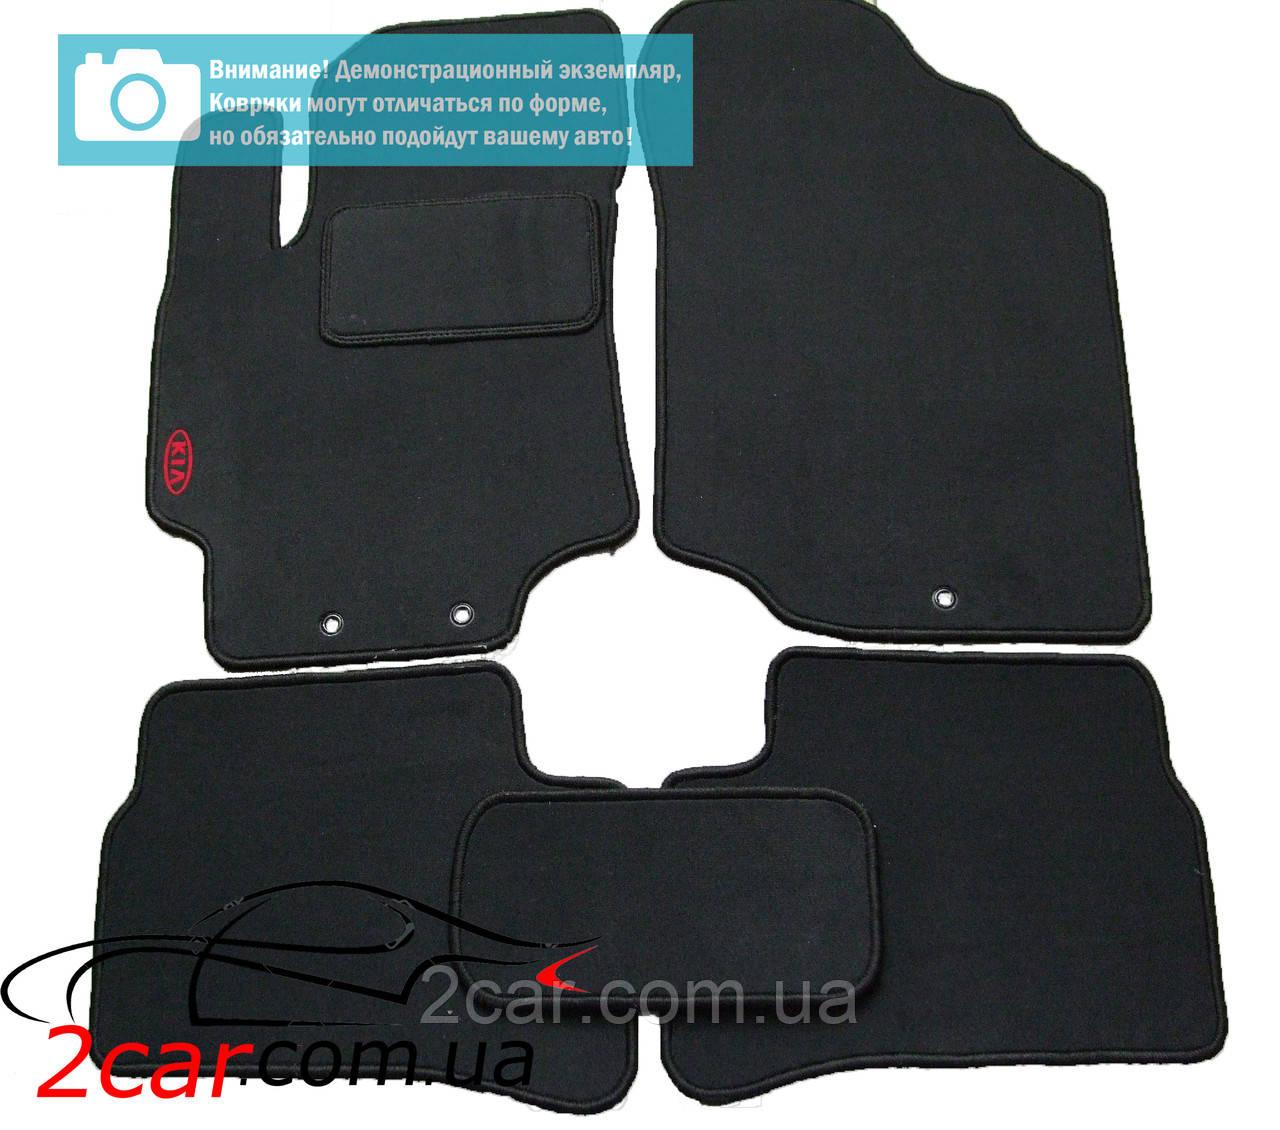 Текстильные коврики в салон для Volkswagen Golf lV (1997-2003) (чёрный) (StingrayUA)